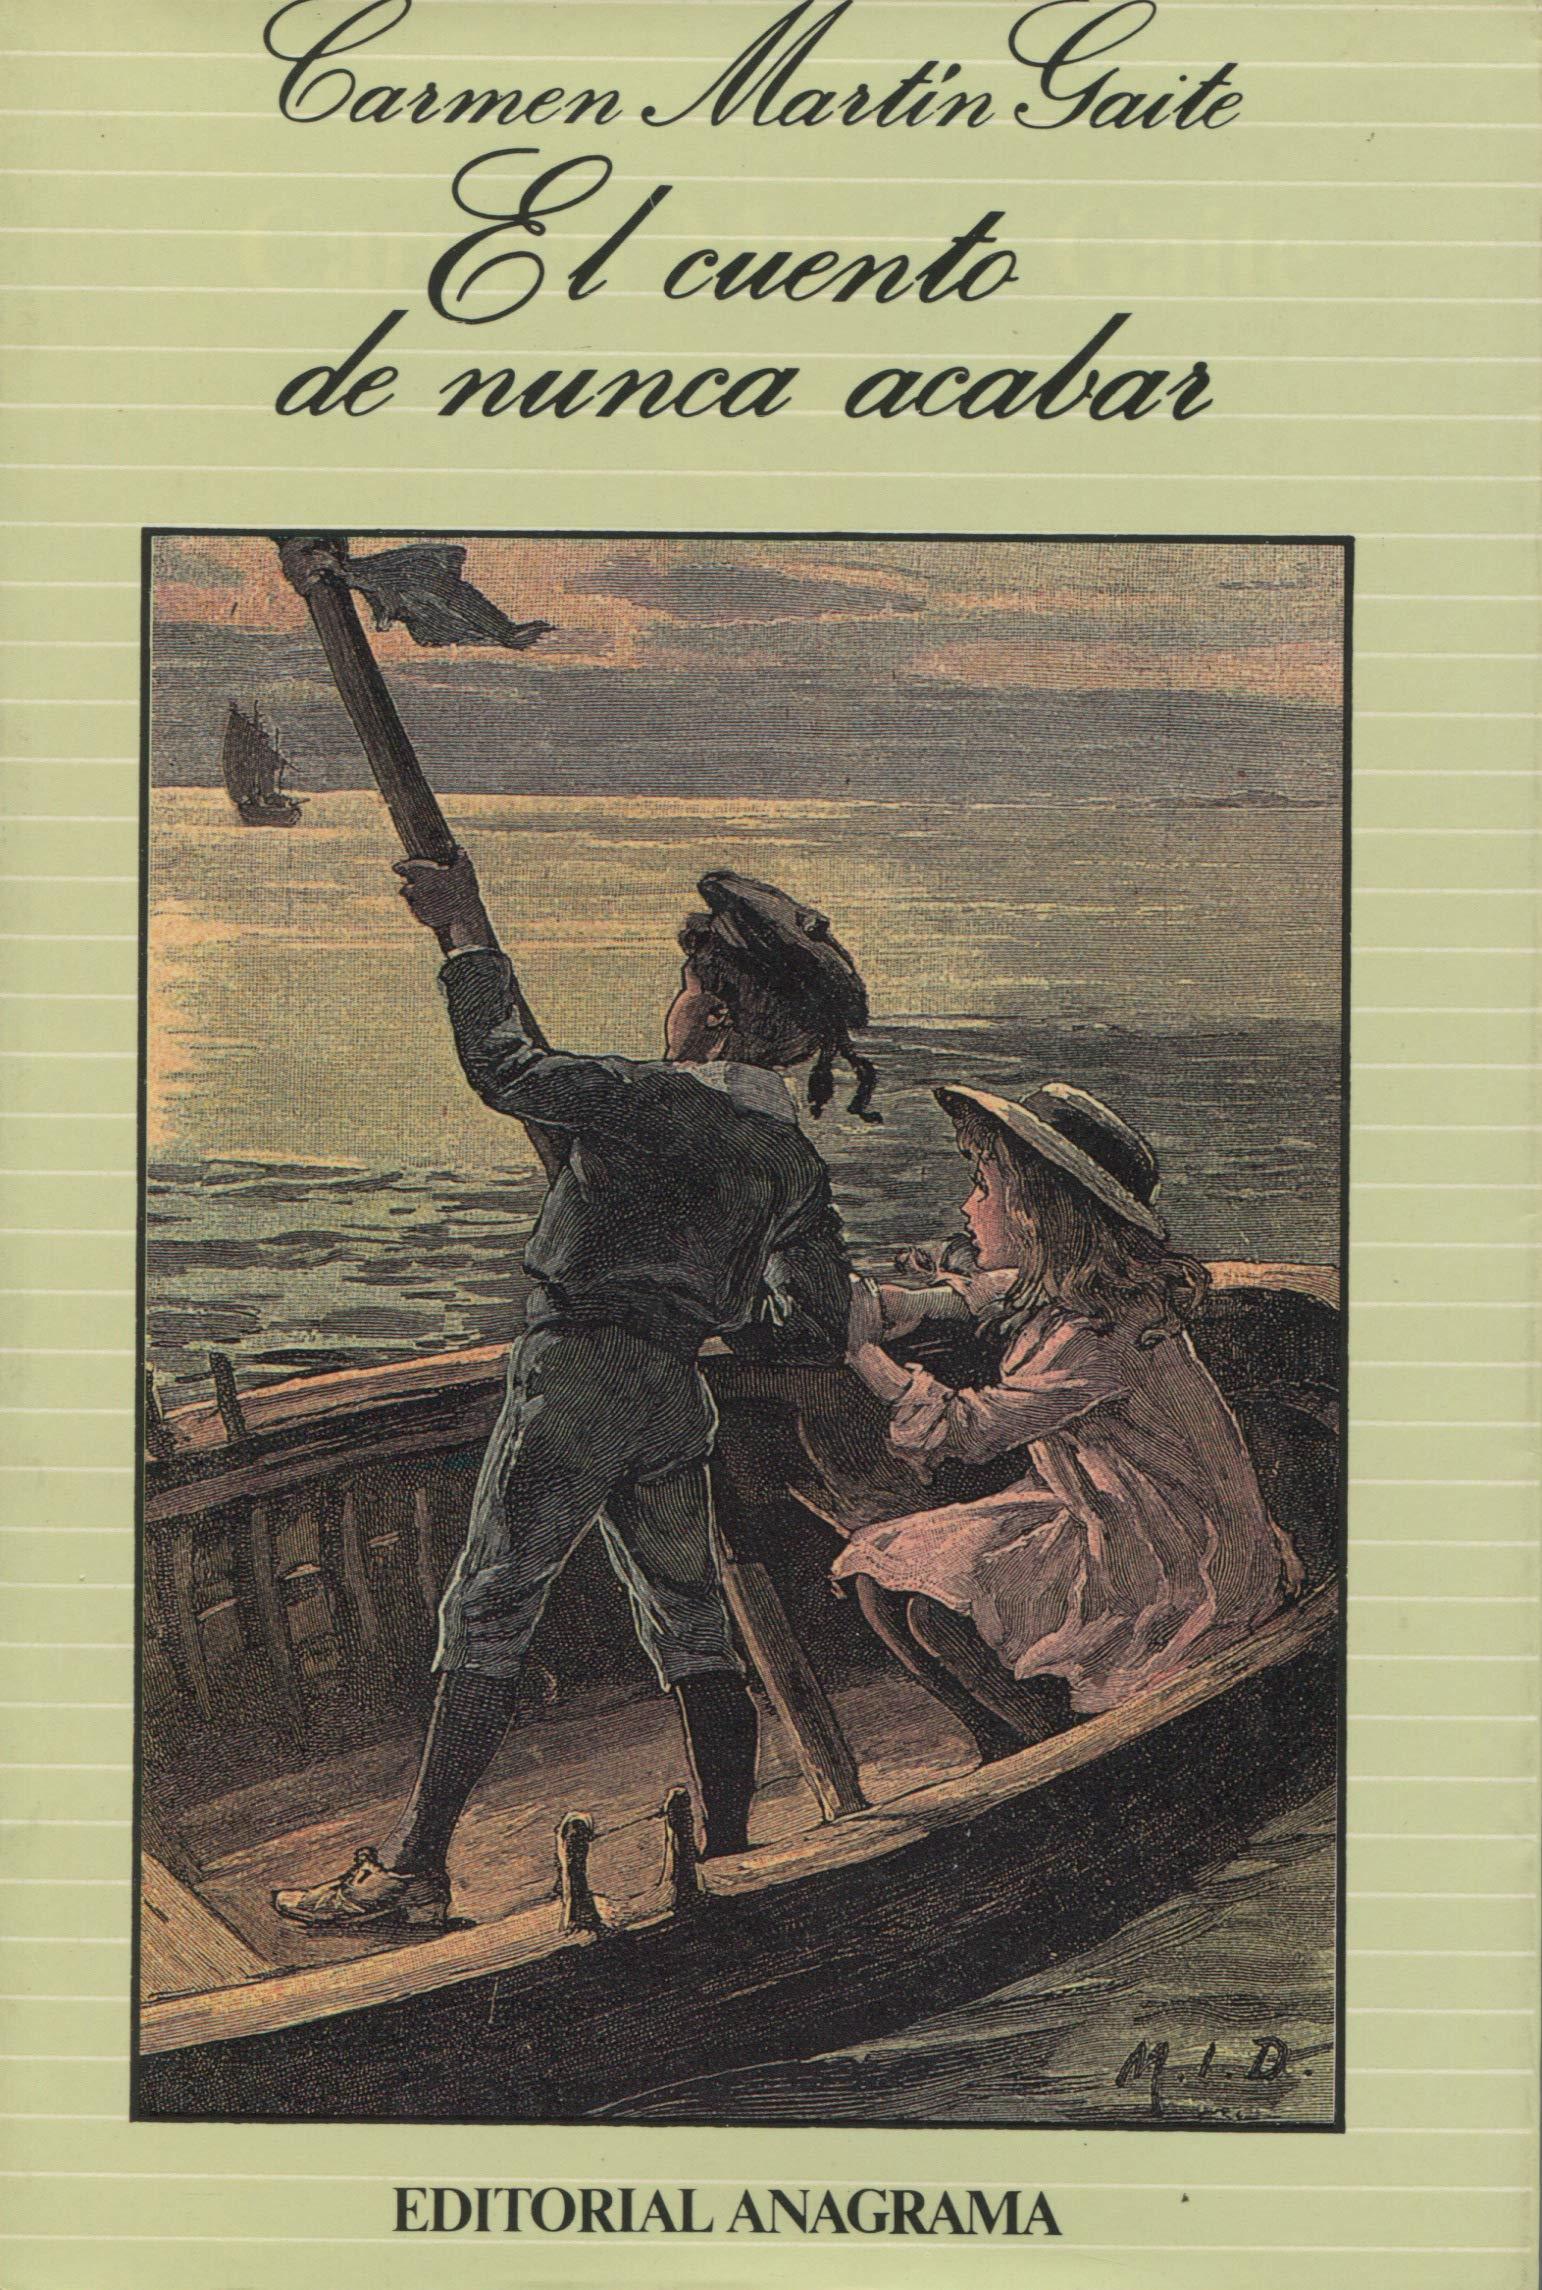 El cuento de nunca acabar: 97 (Argumentos): Amazon.es: Martín Gaite, Carmen: Libros